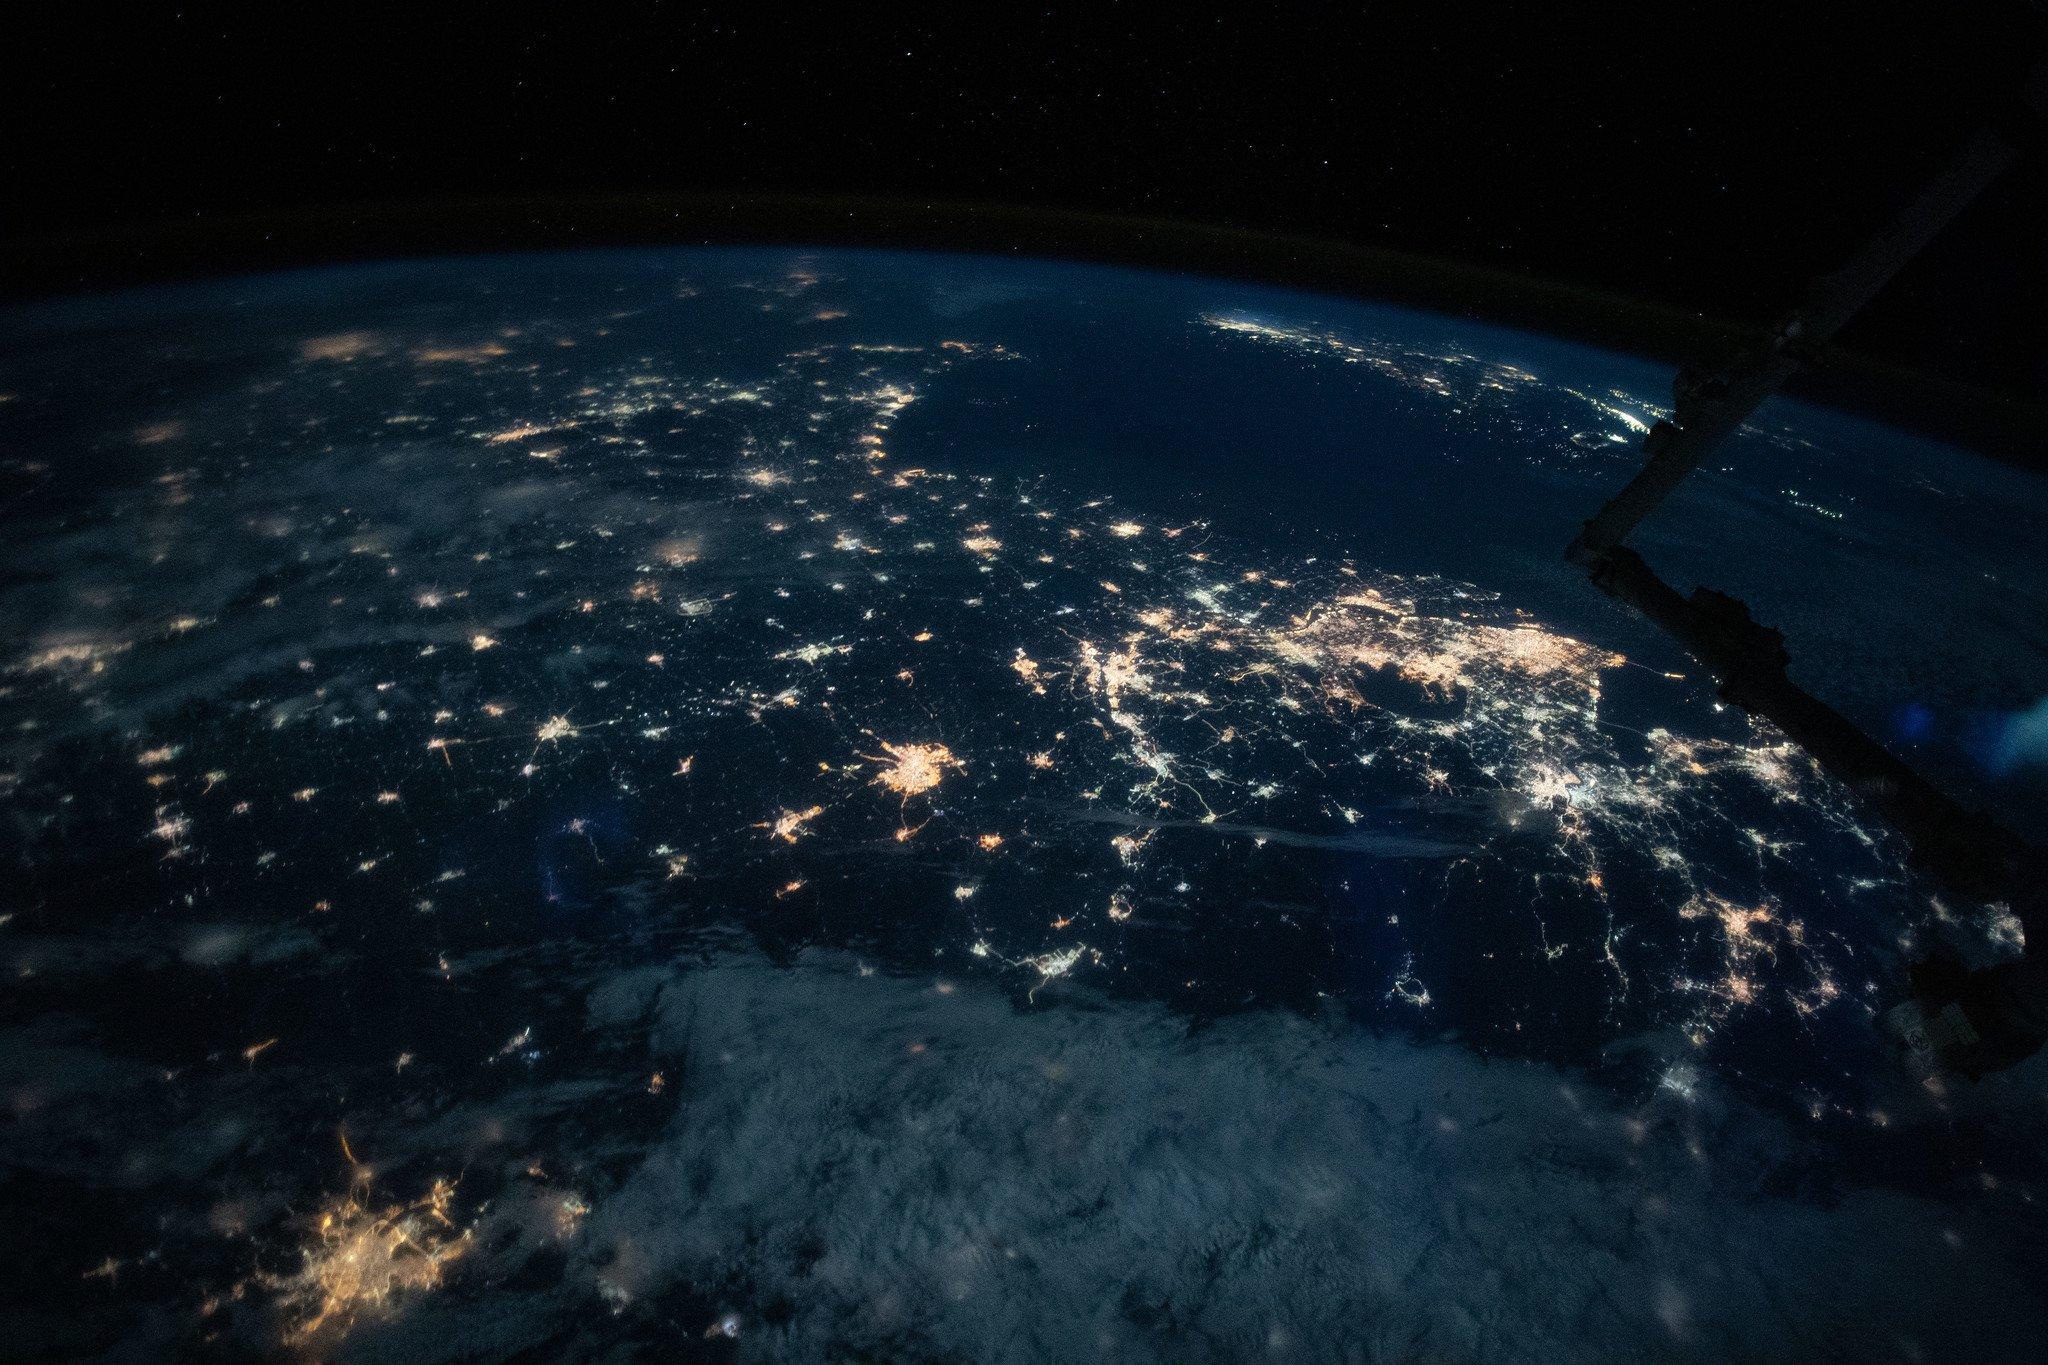 снимки земли с космоса фото вашему